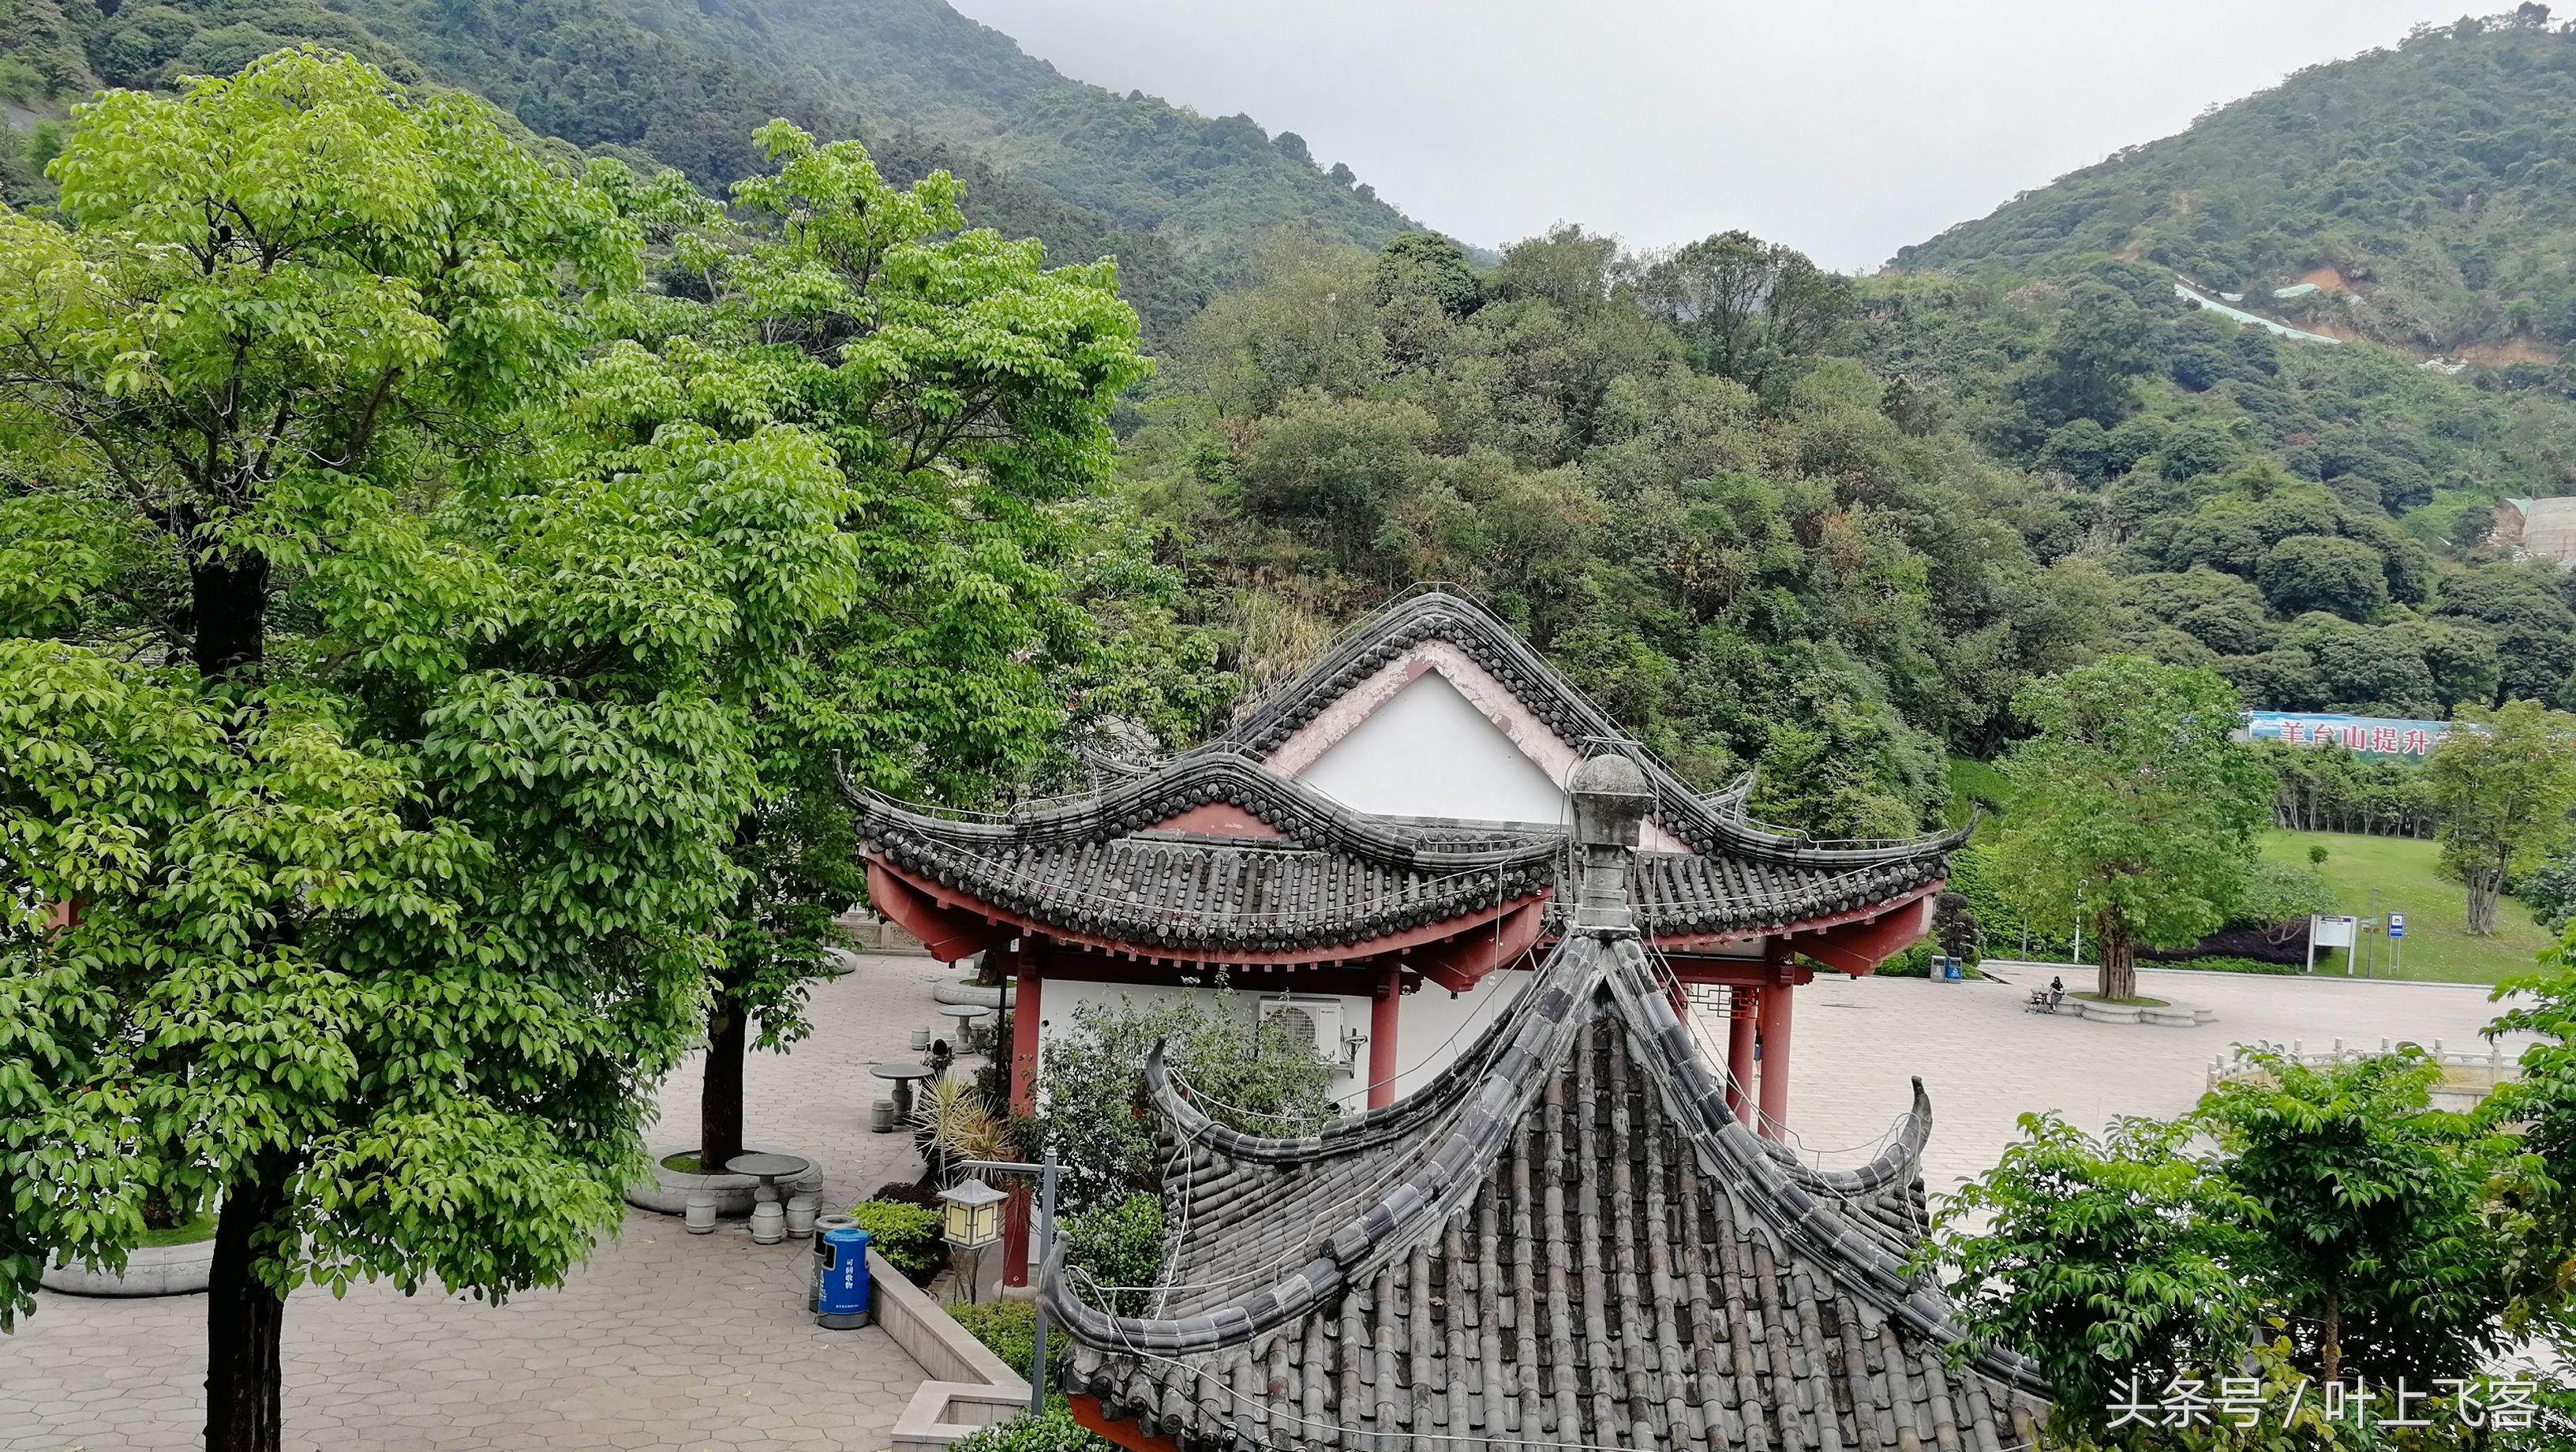 《深圳羊台山》2008年被评为深圳八景之一 旅游休闲健身好去处